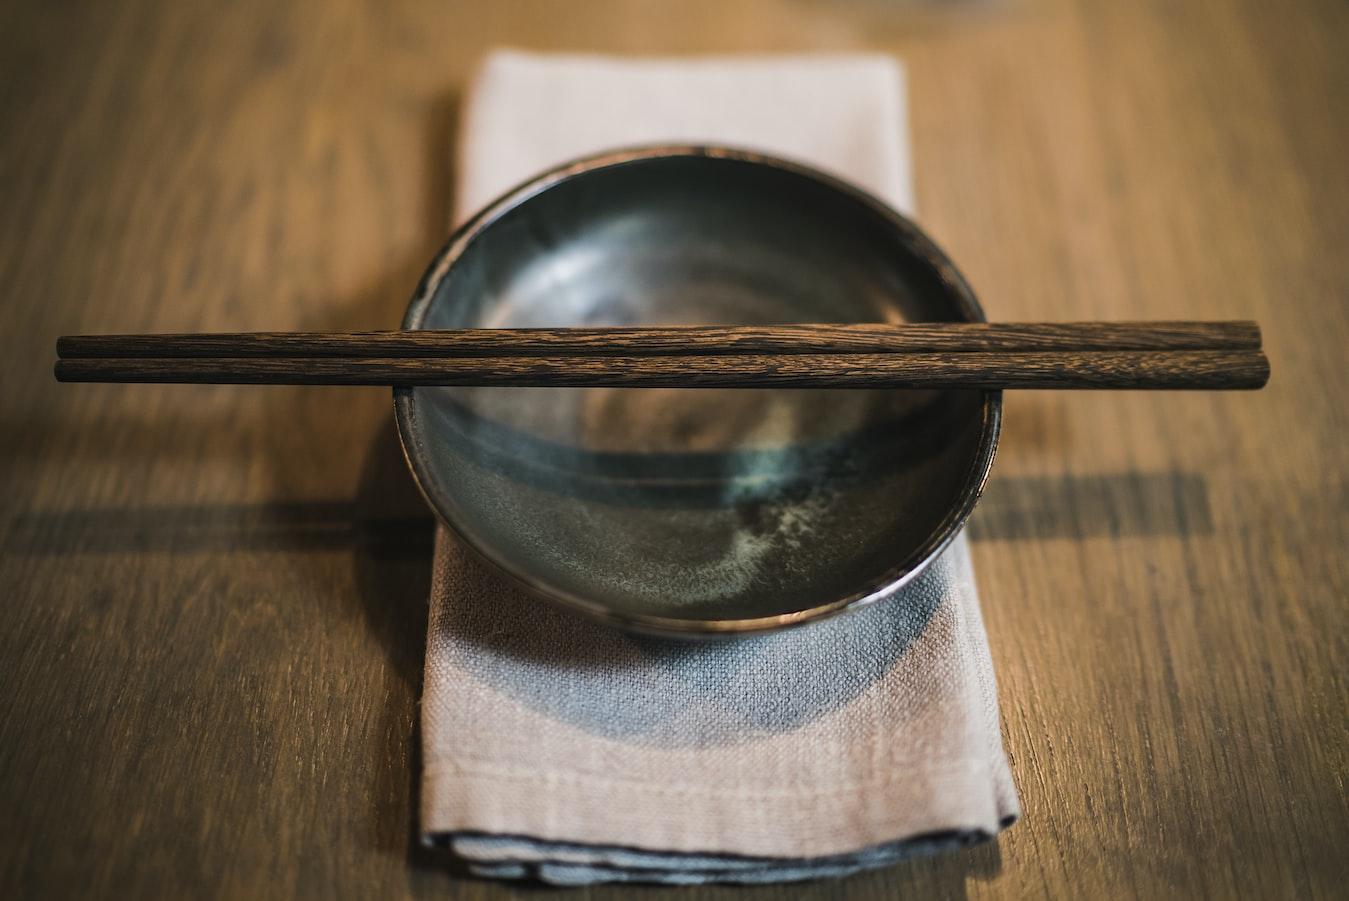 舊筷子用久了會致癌?健康用筷5要點,你用對了嗎